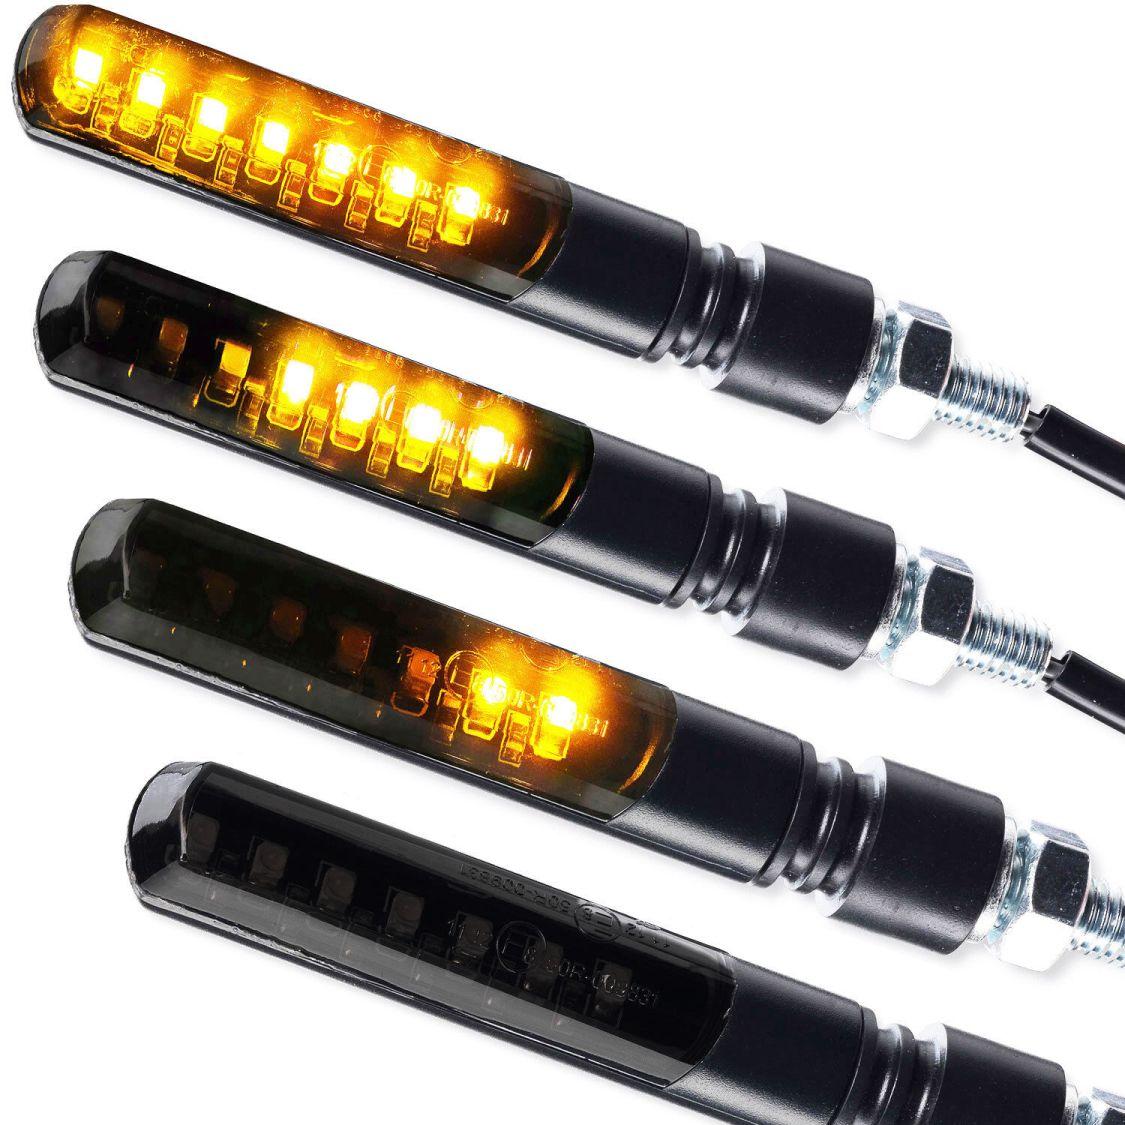 Motorrad LED Mini Blinker Blade Laufeffekt Lauflicht Sequentiell schwarz getönt